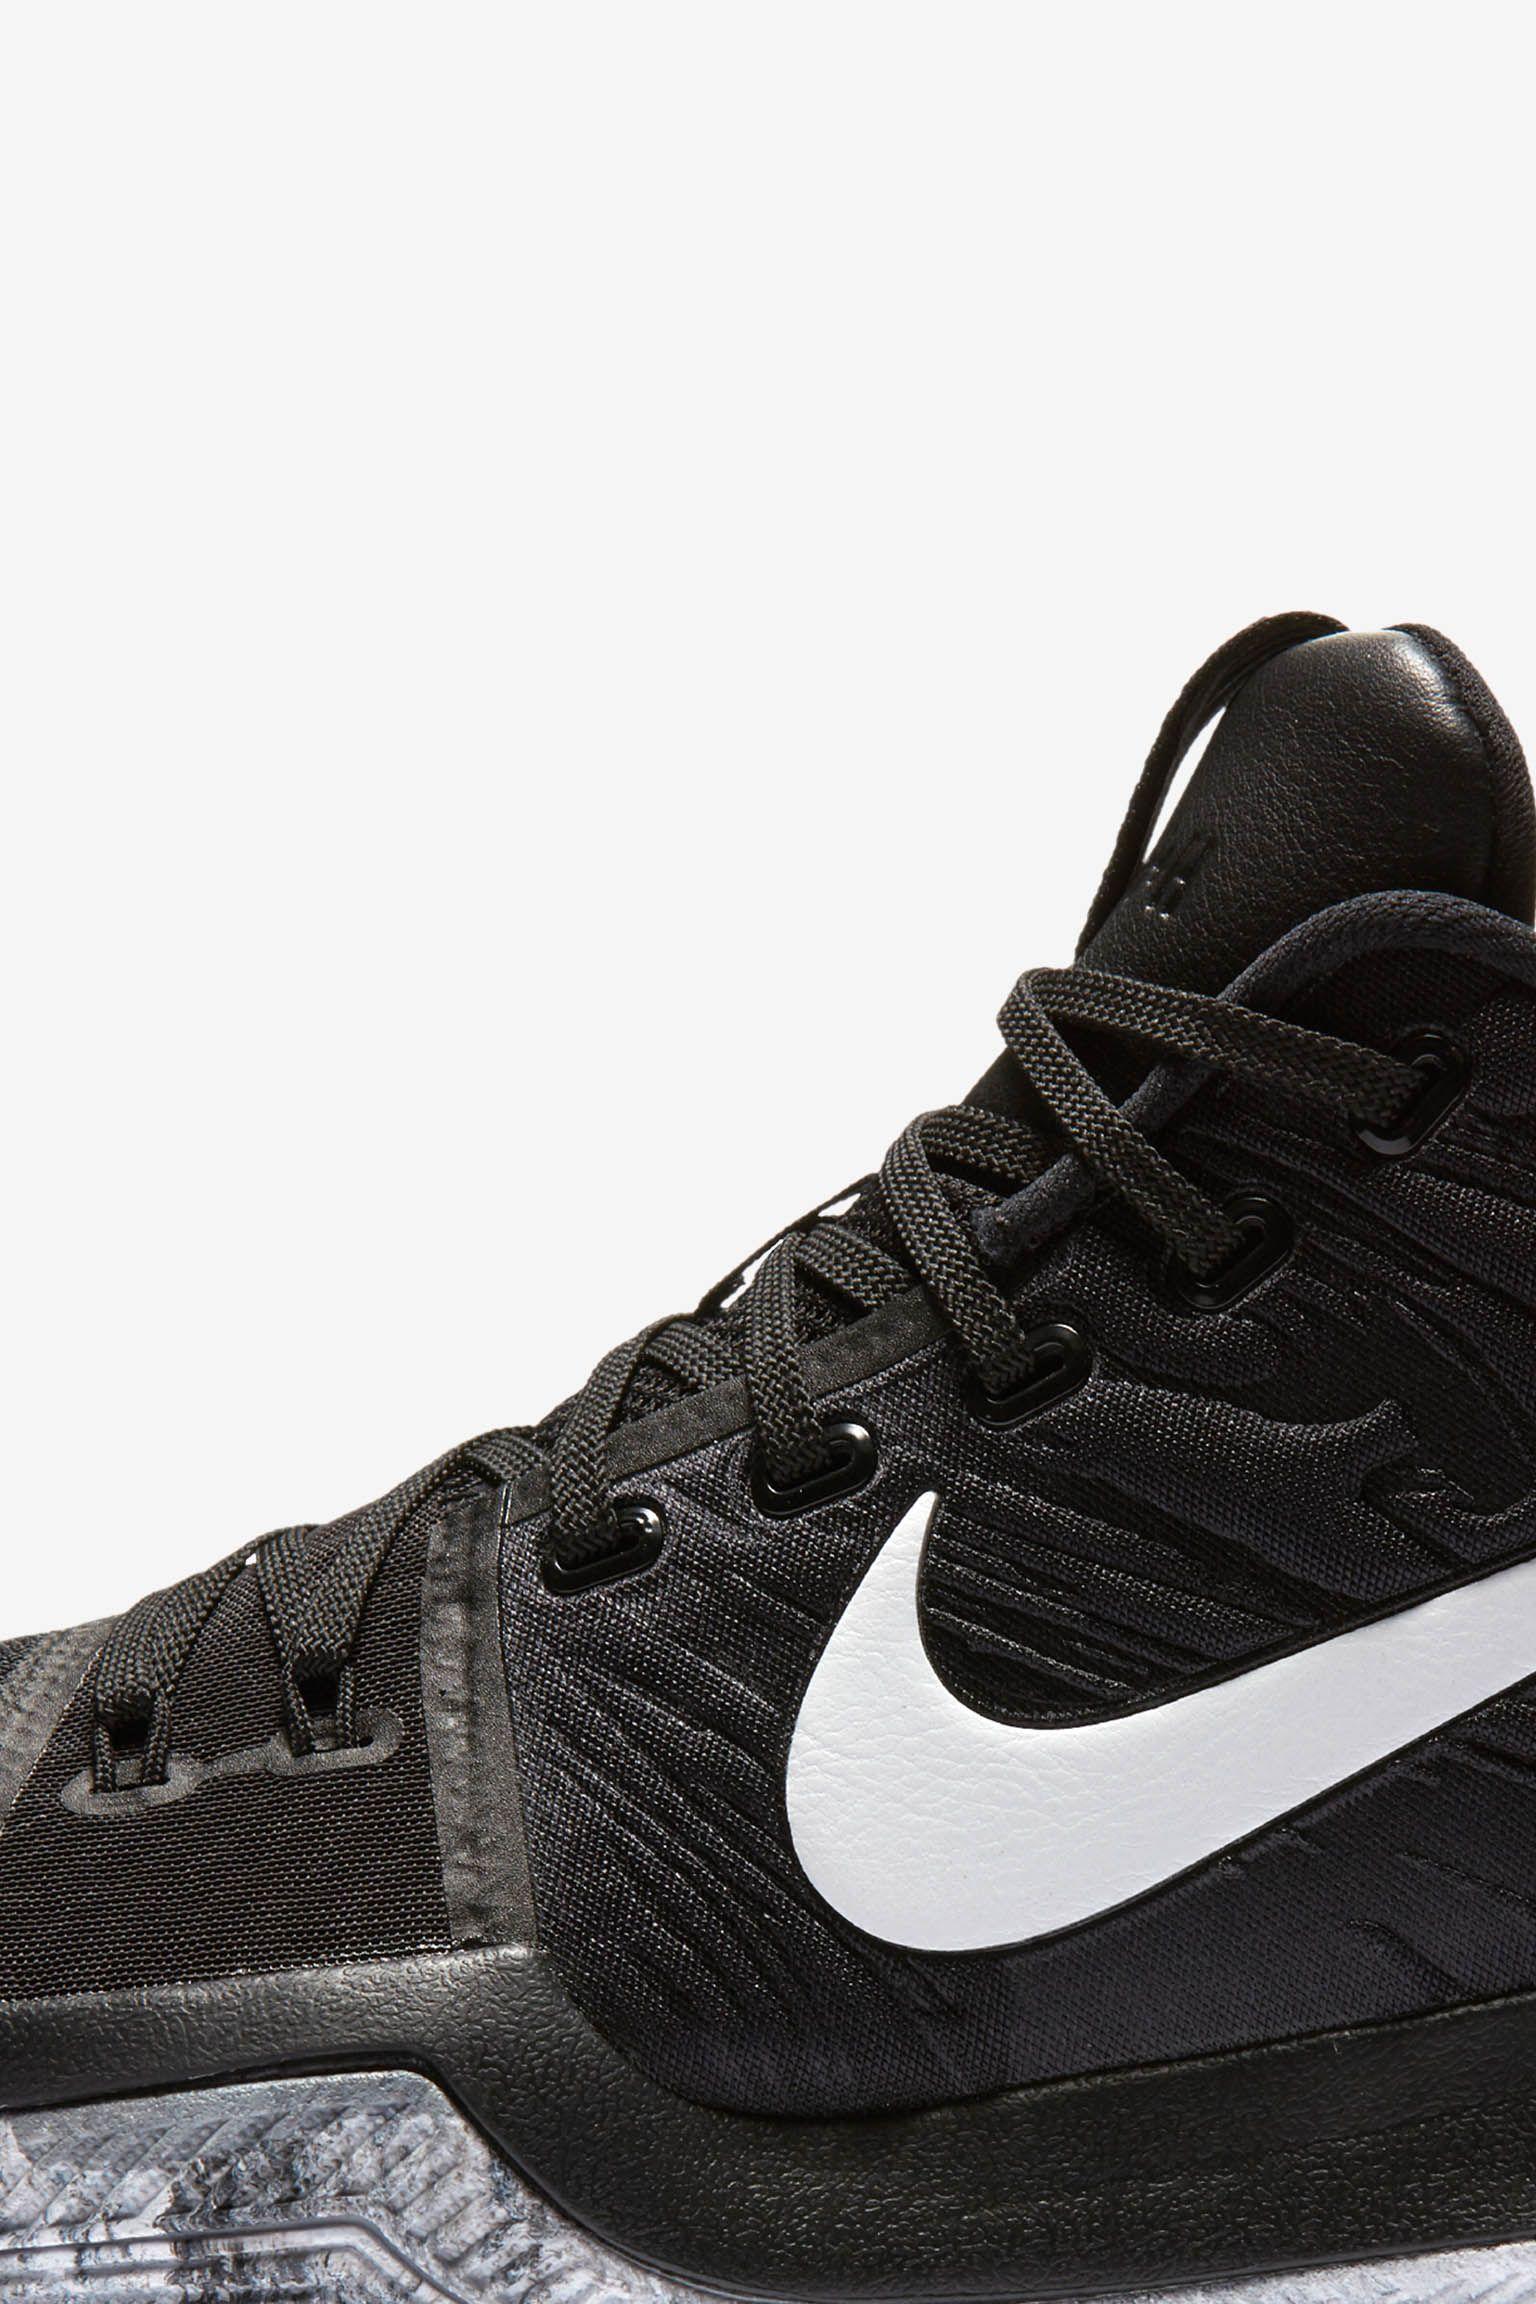 Nike Kyrie 3 BHM 2017